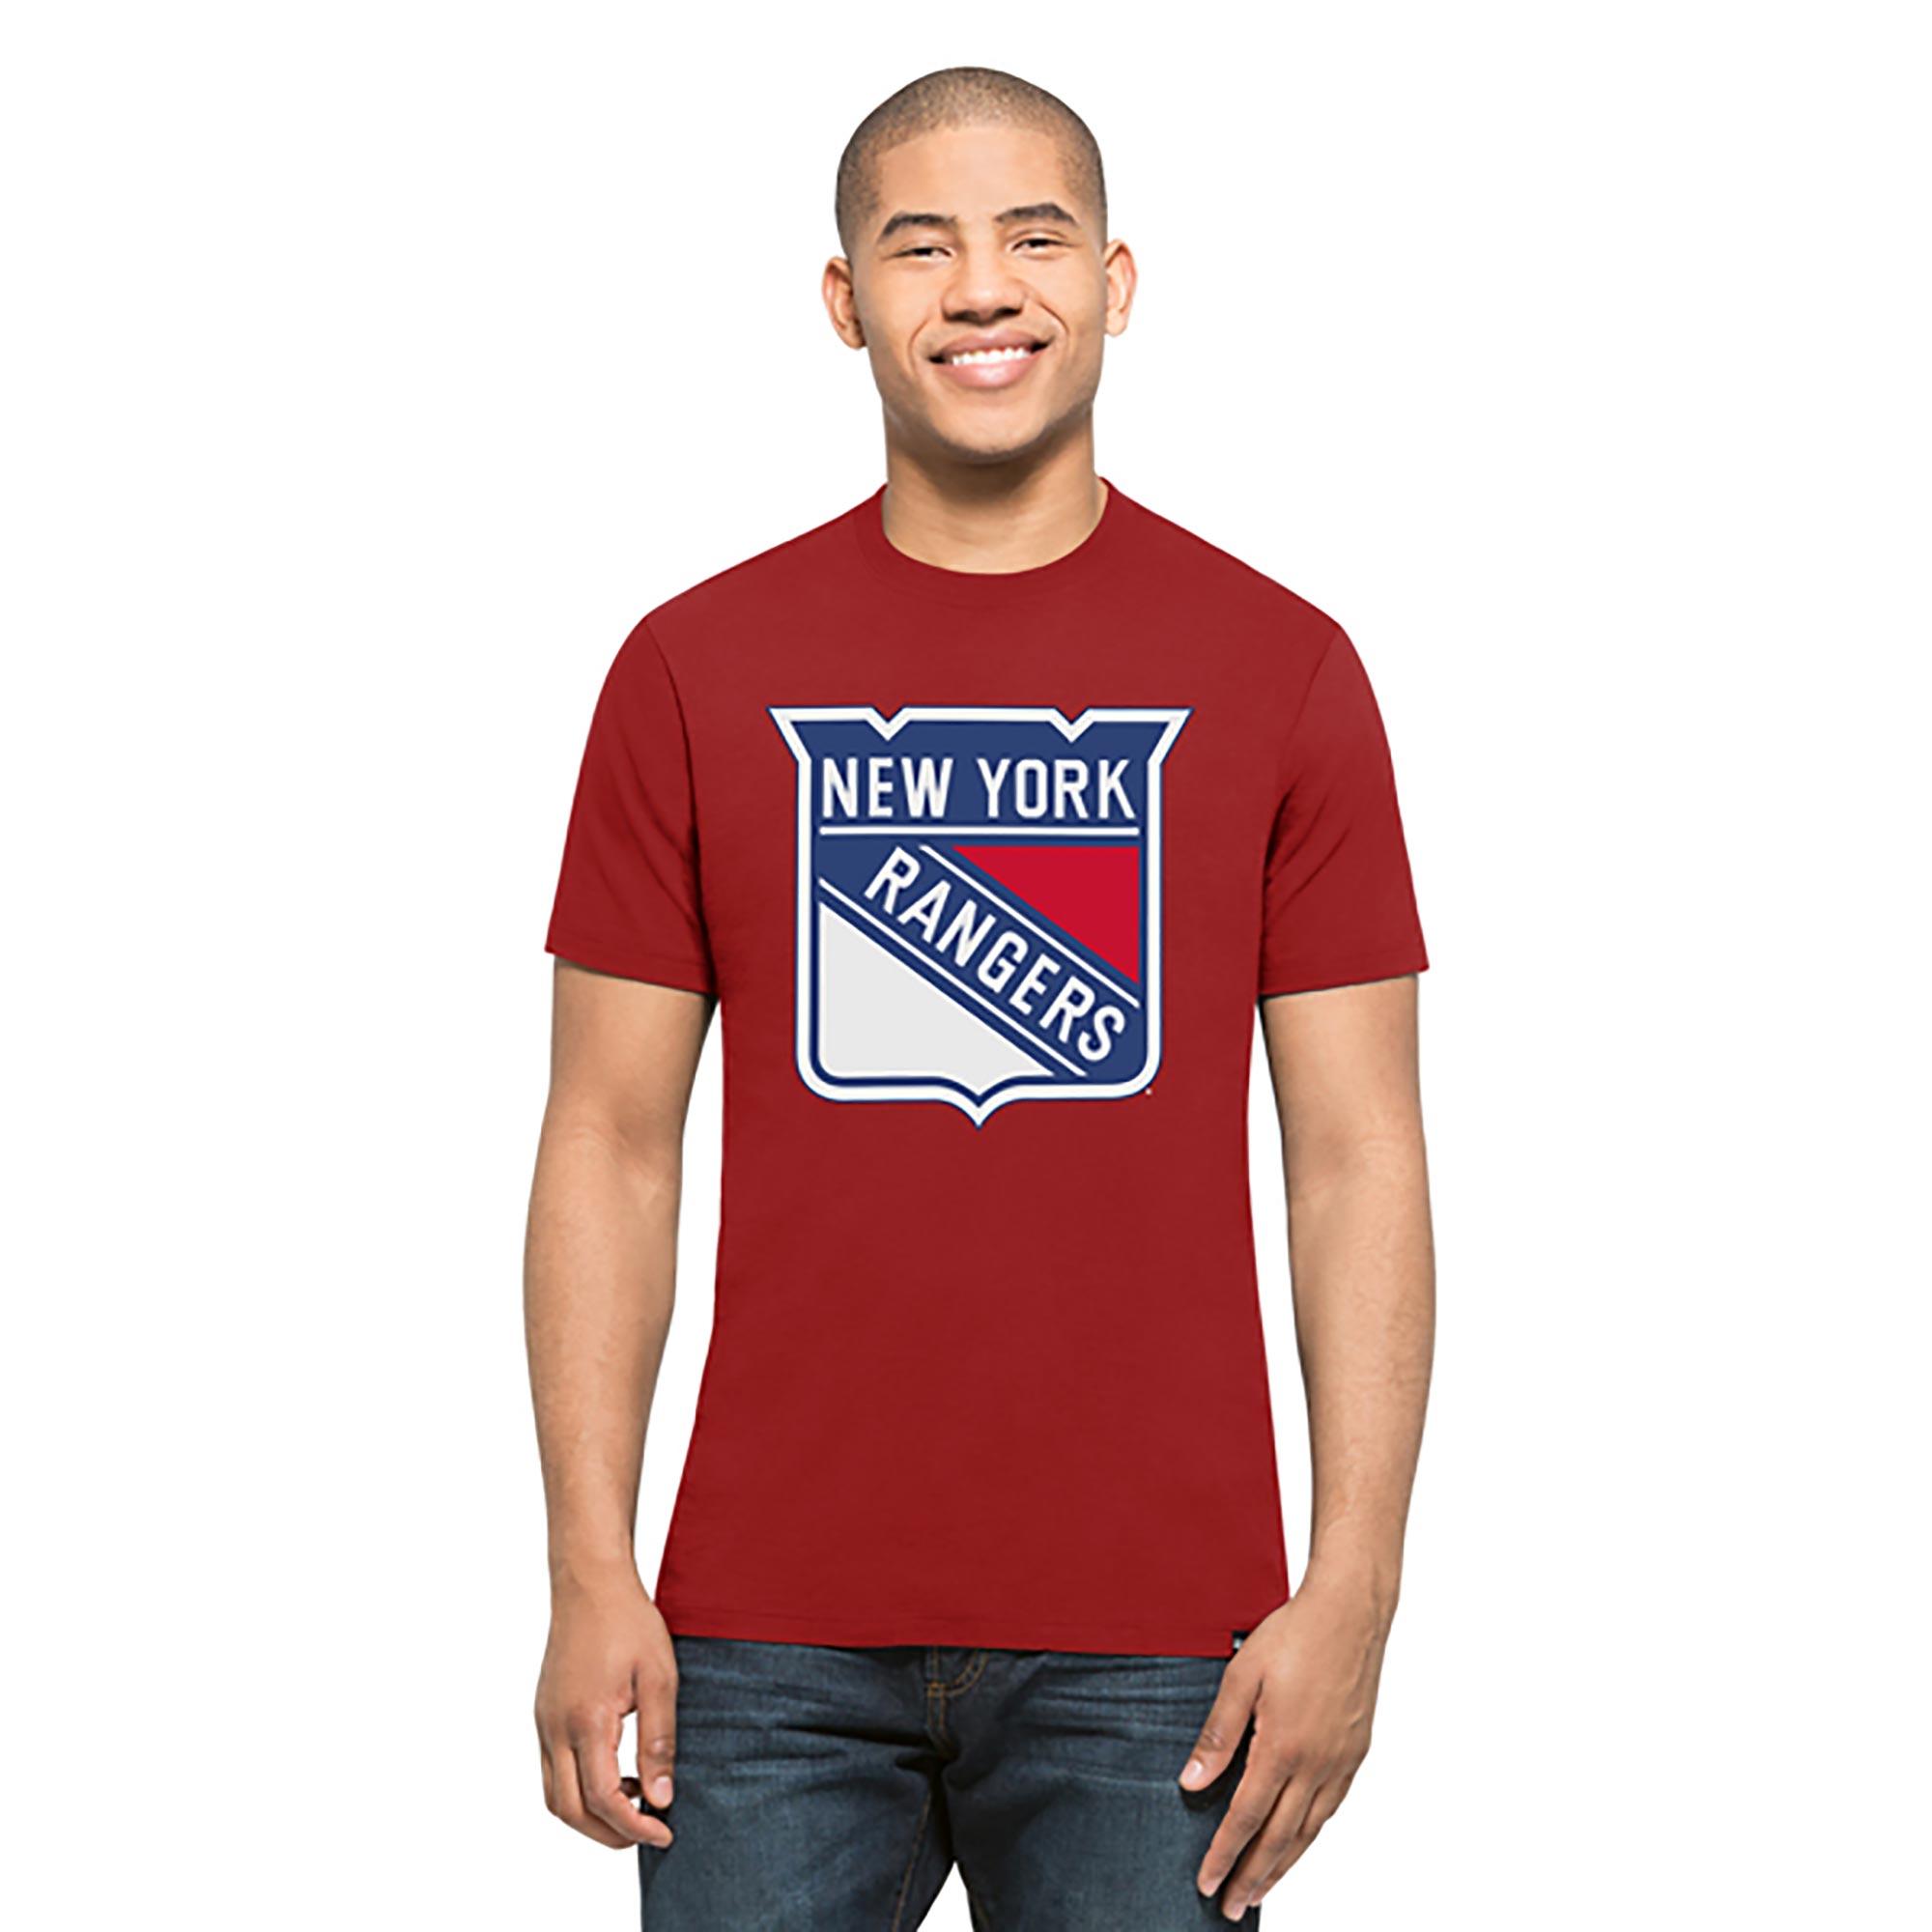 New York Rangers Splitter T-Shirt - Mens